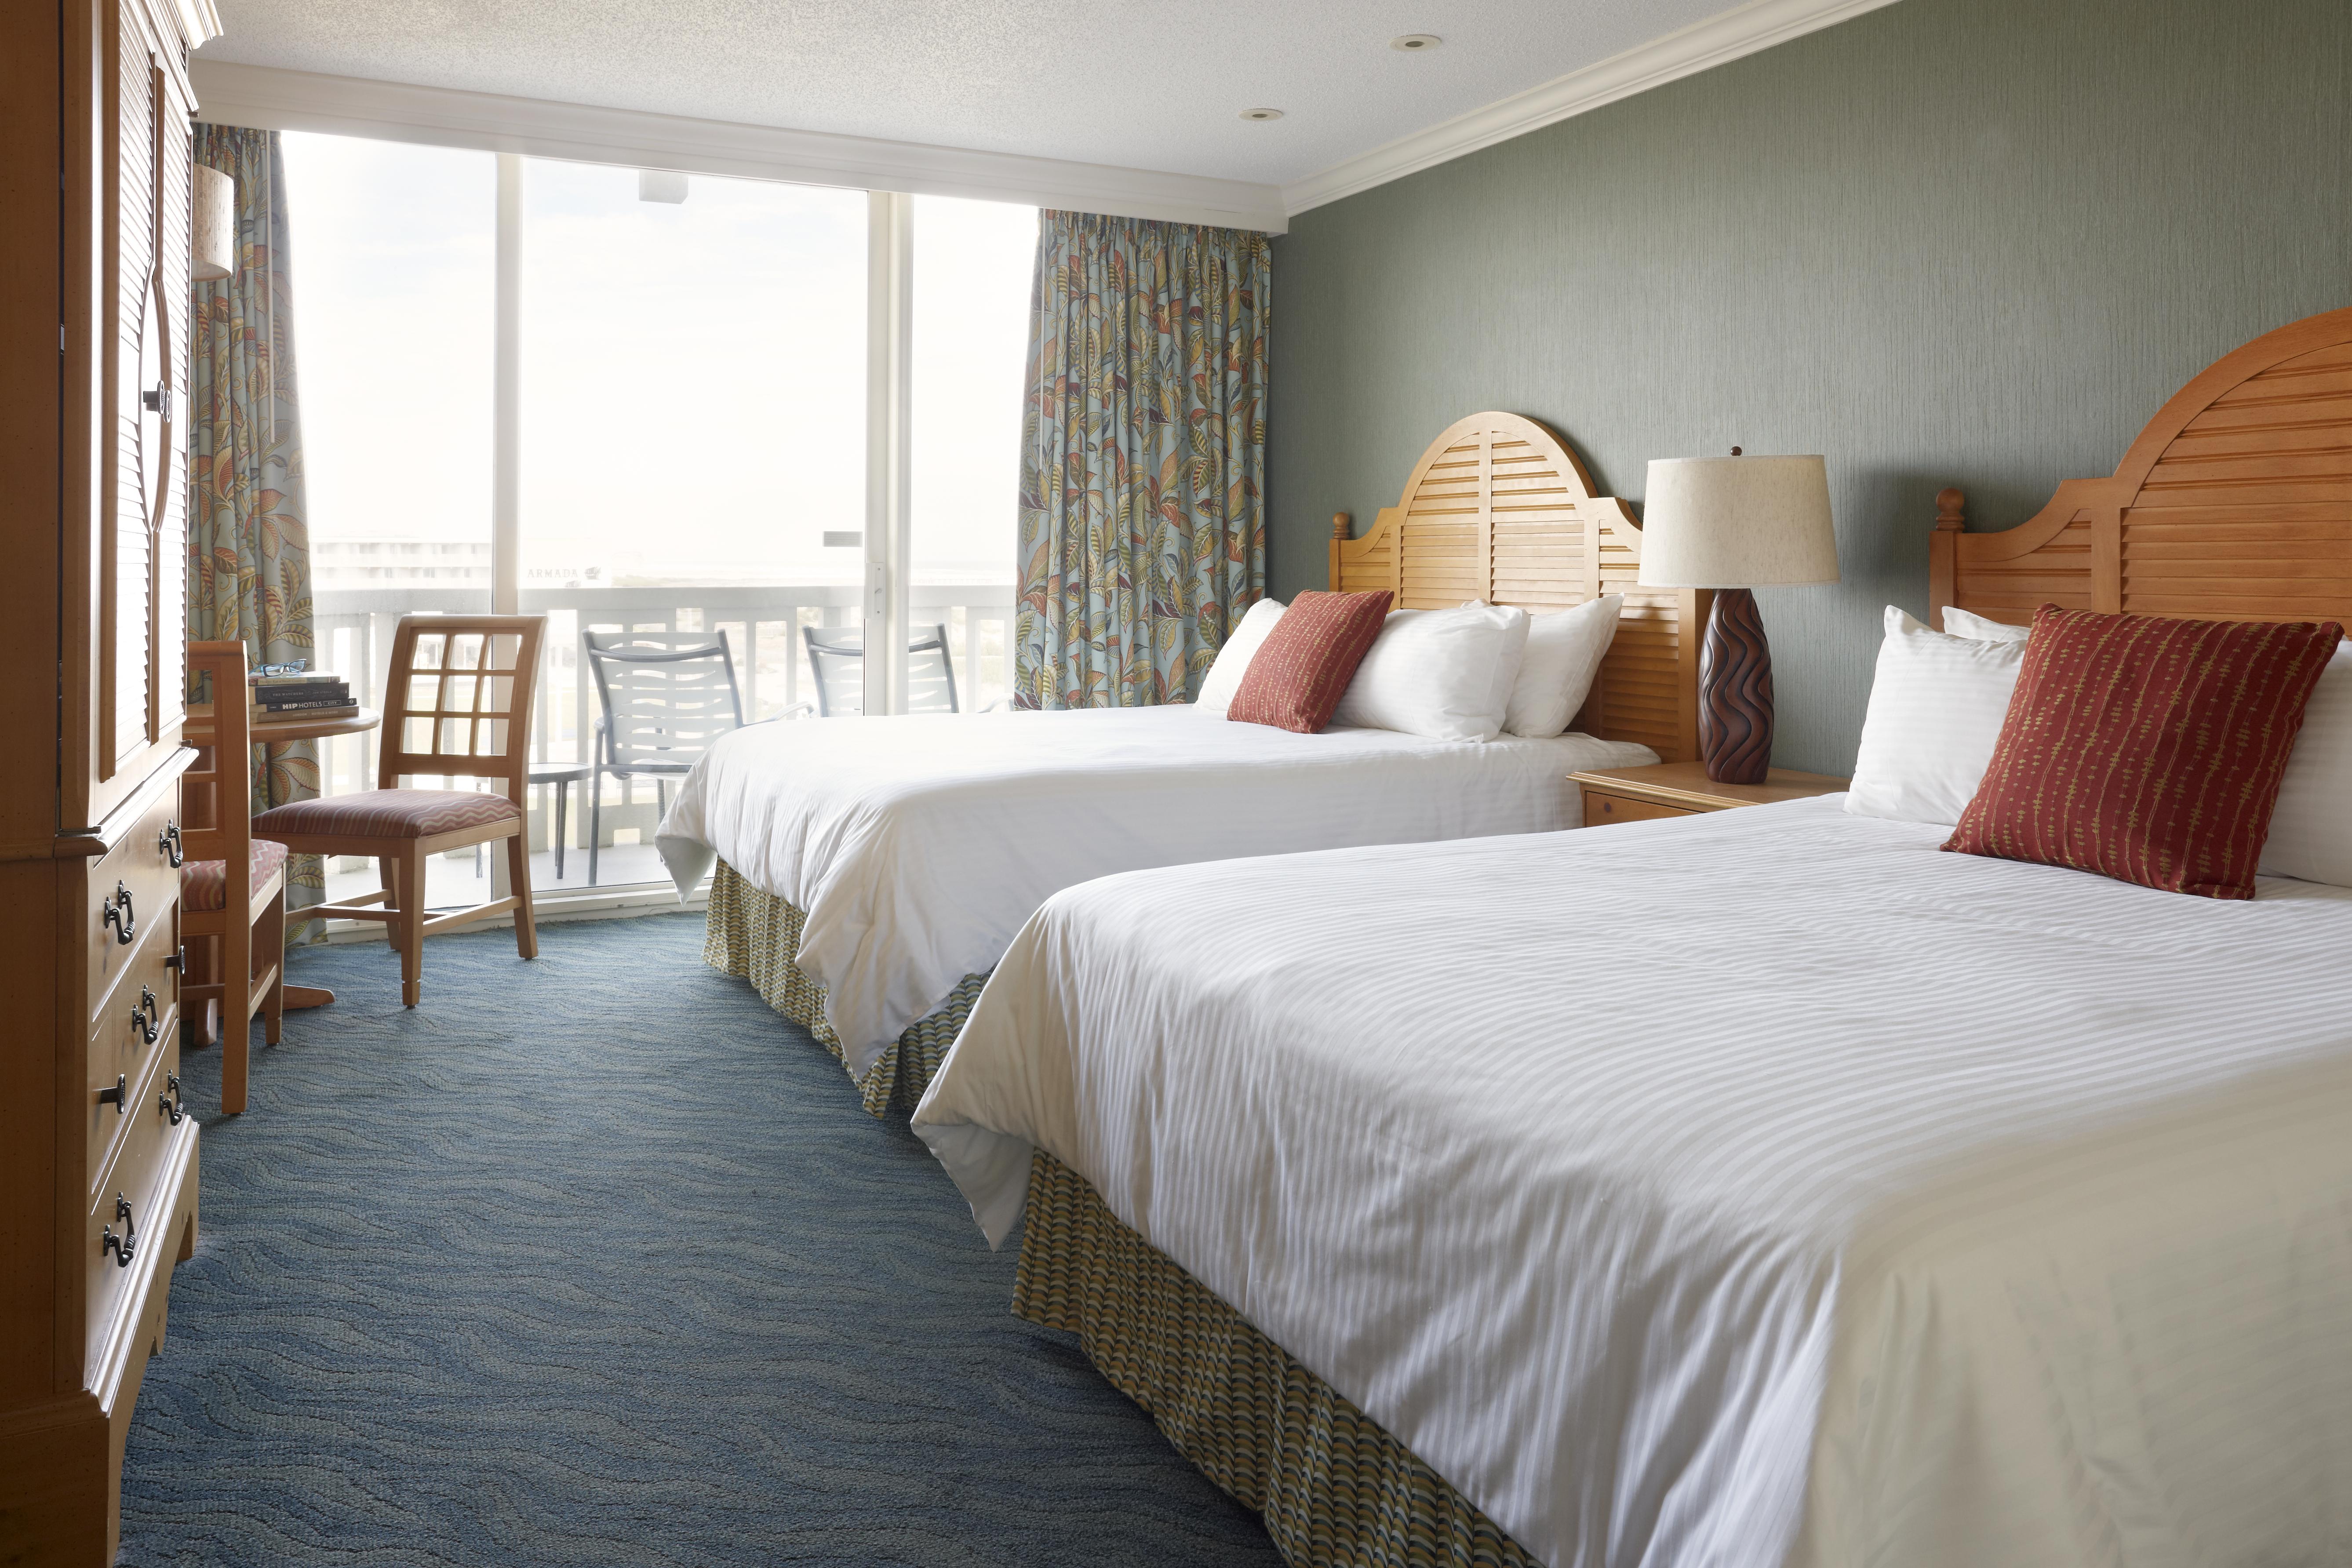 Deluxe  Hotel  Room  D